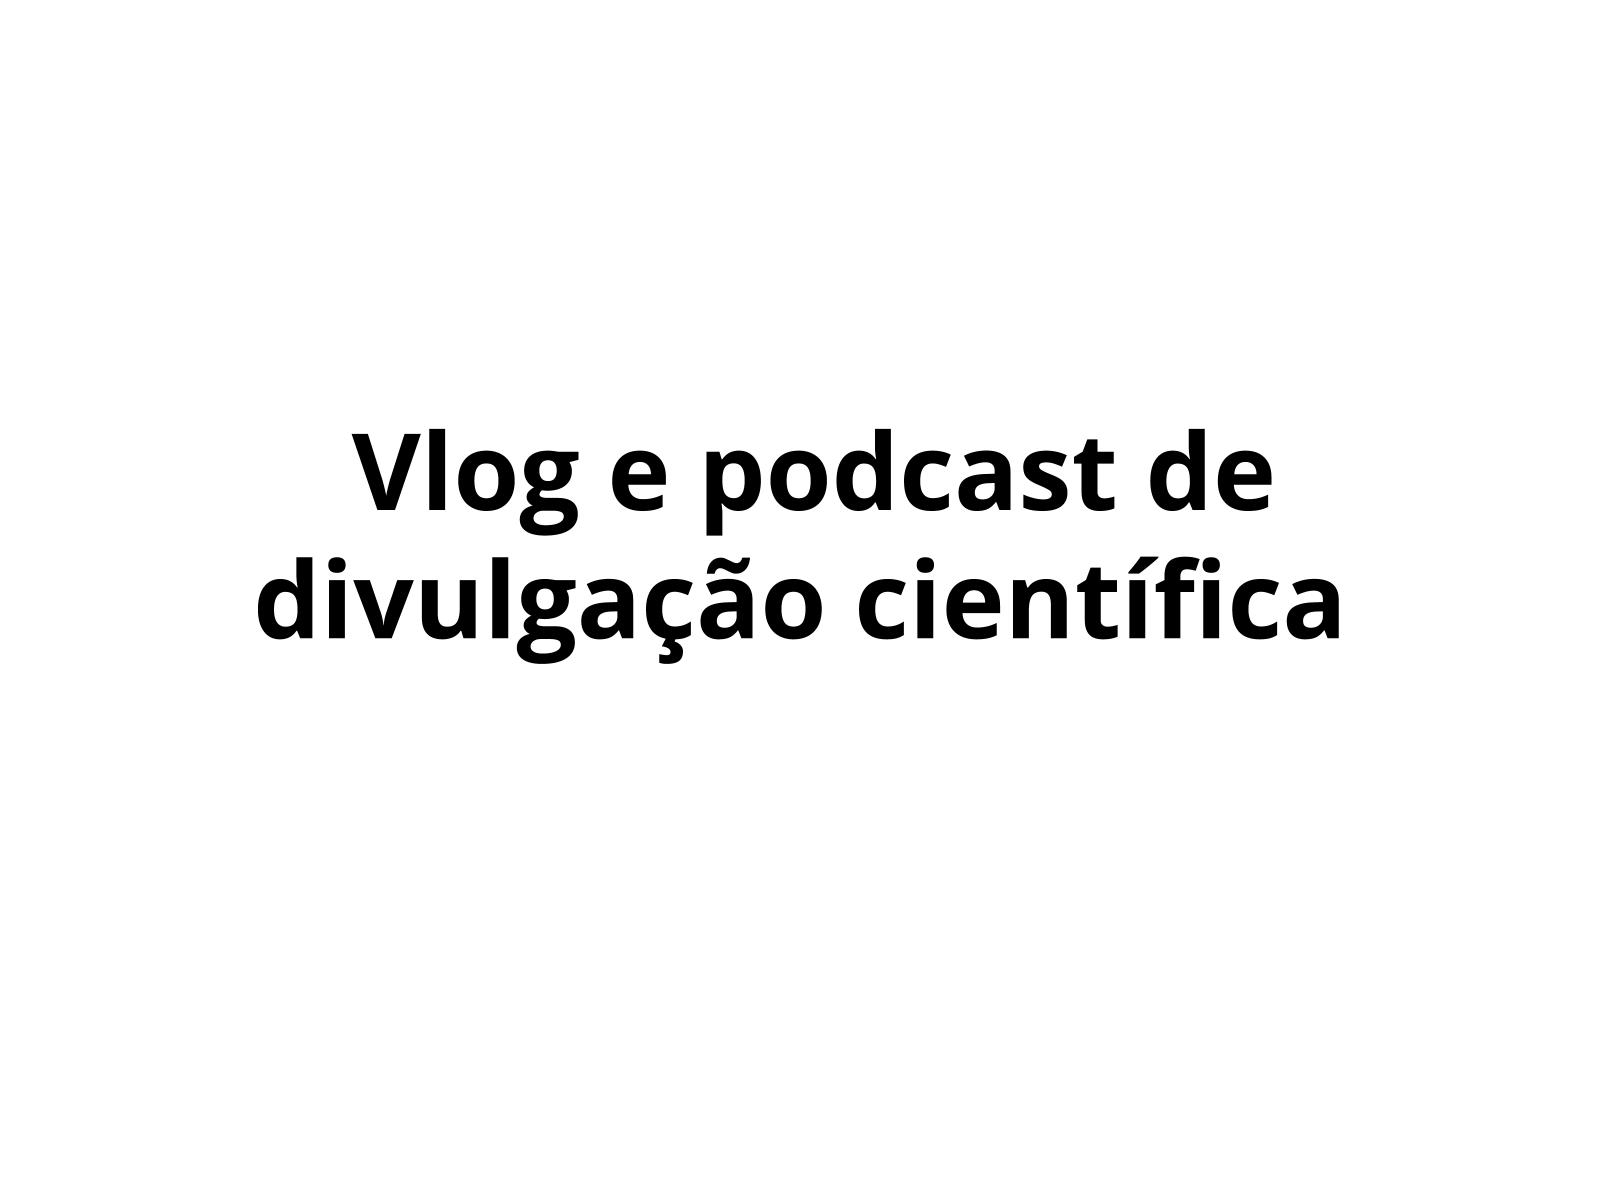 Vlog e podcast de divulgação científica - apreciação e análise